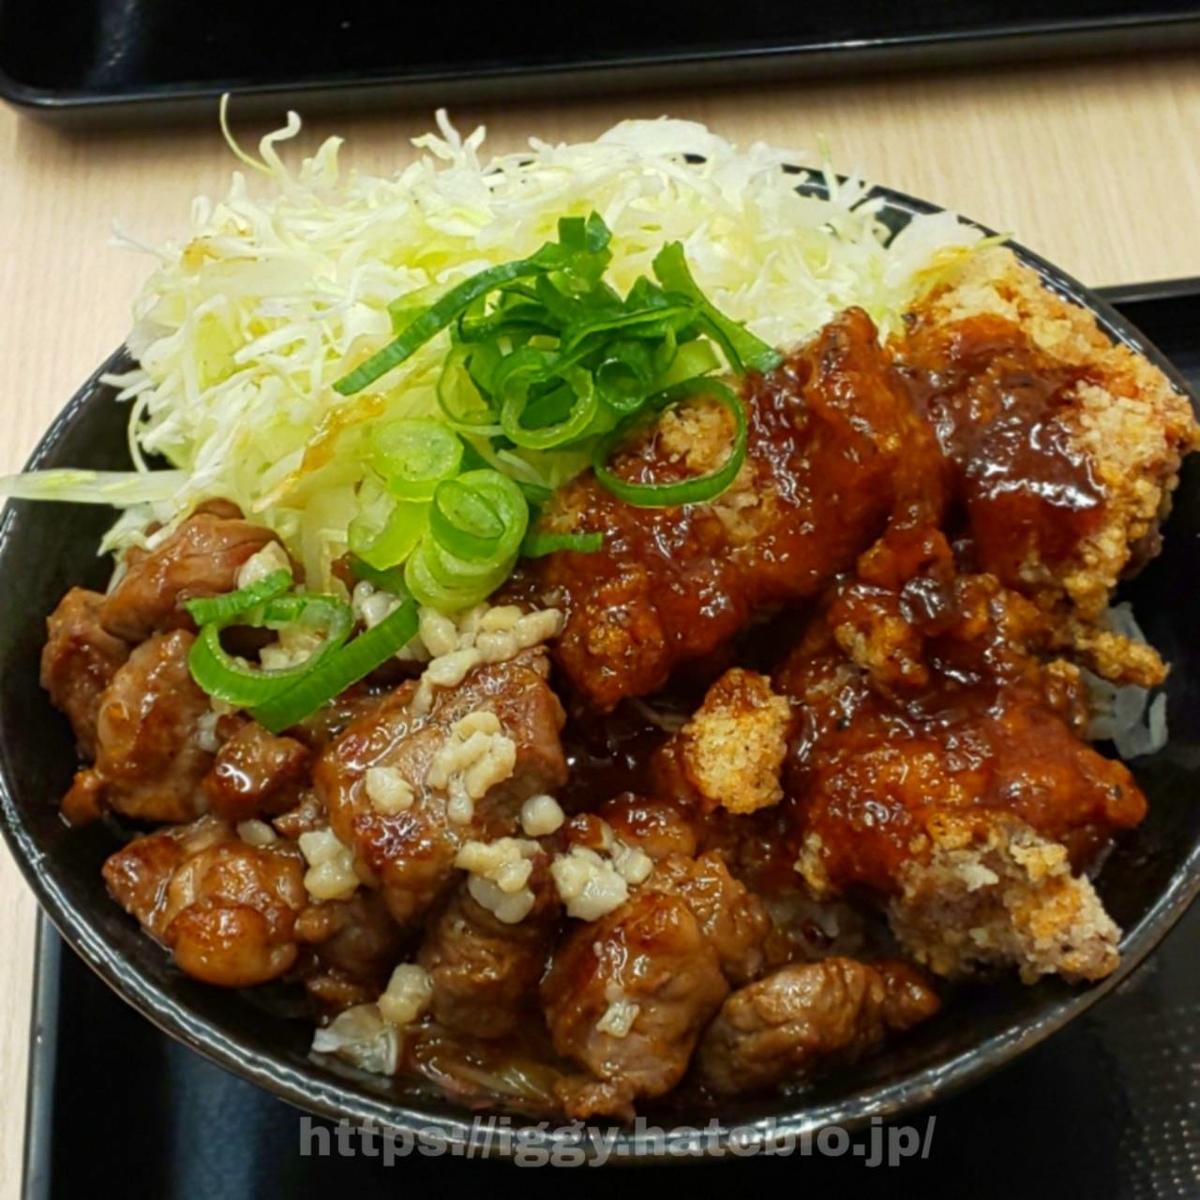 豪快ロックステーキ唐揚げ合盛り丼 iggy2019